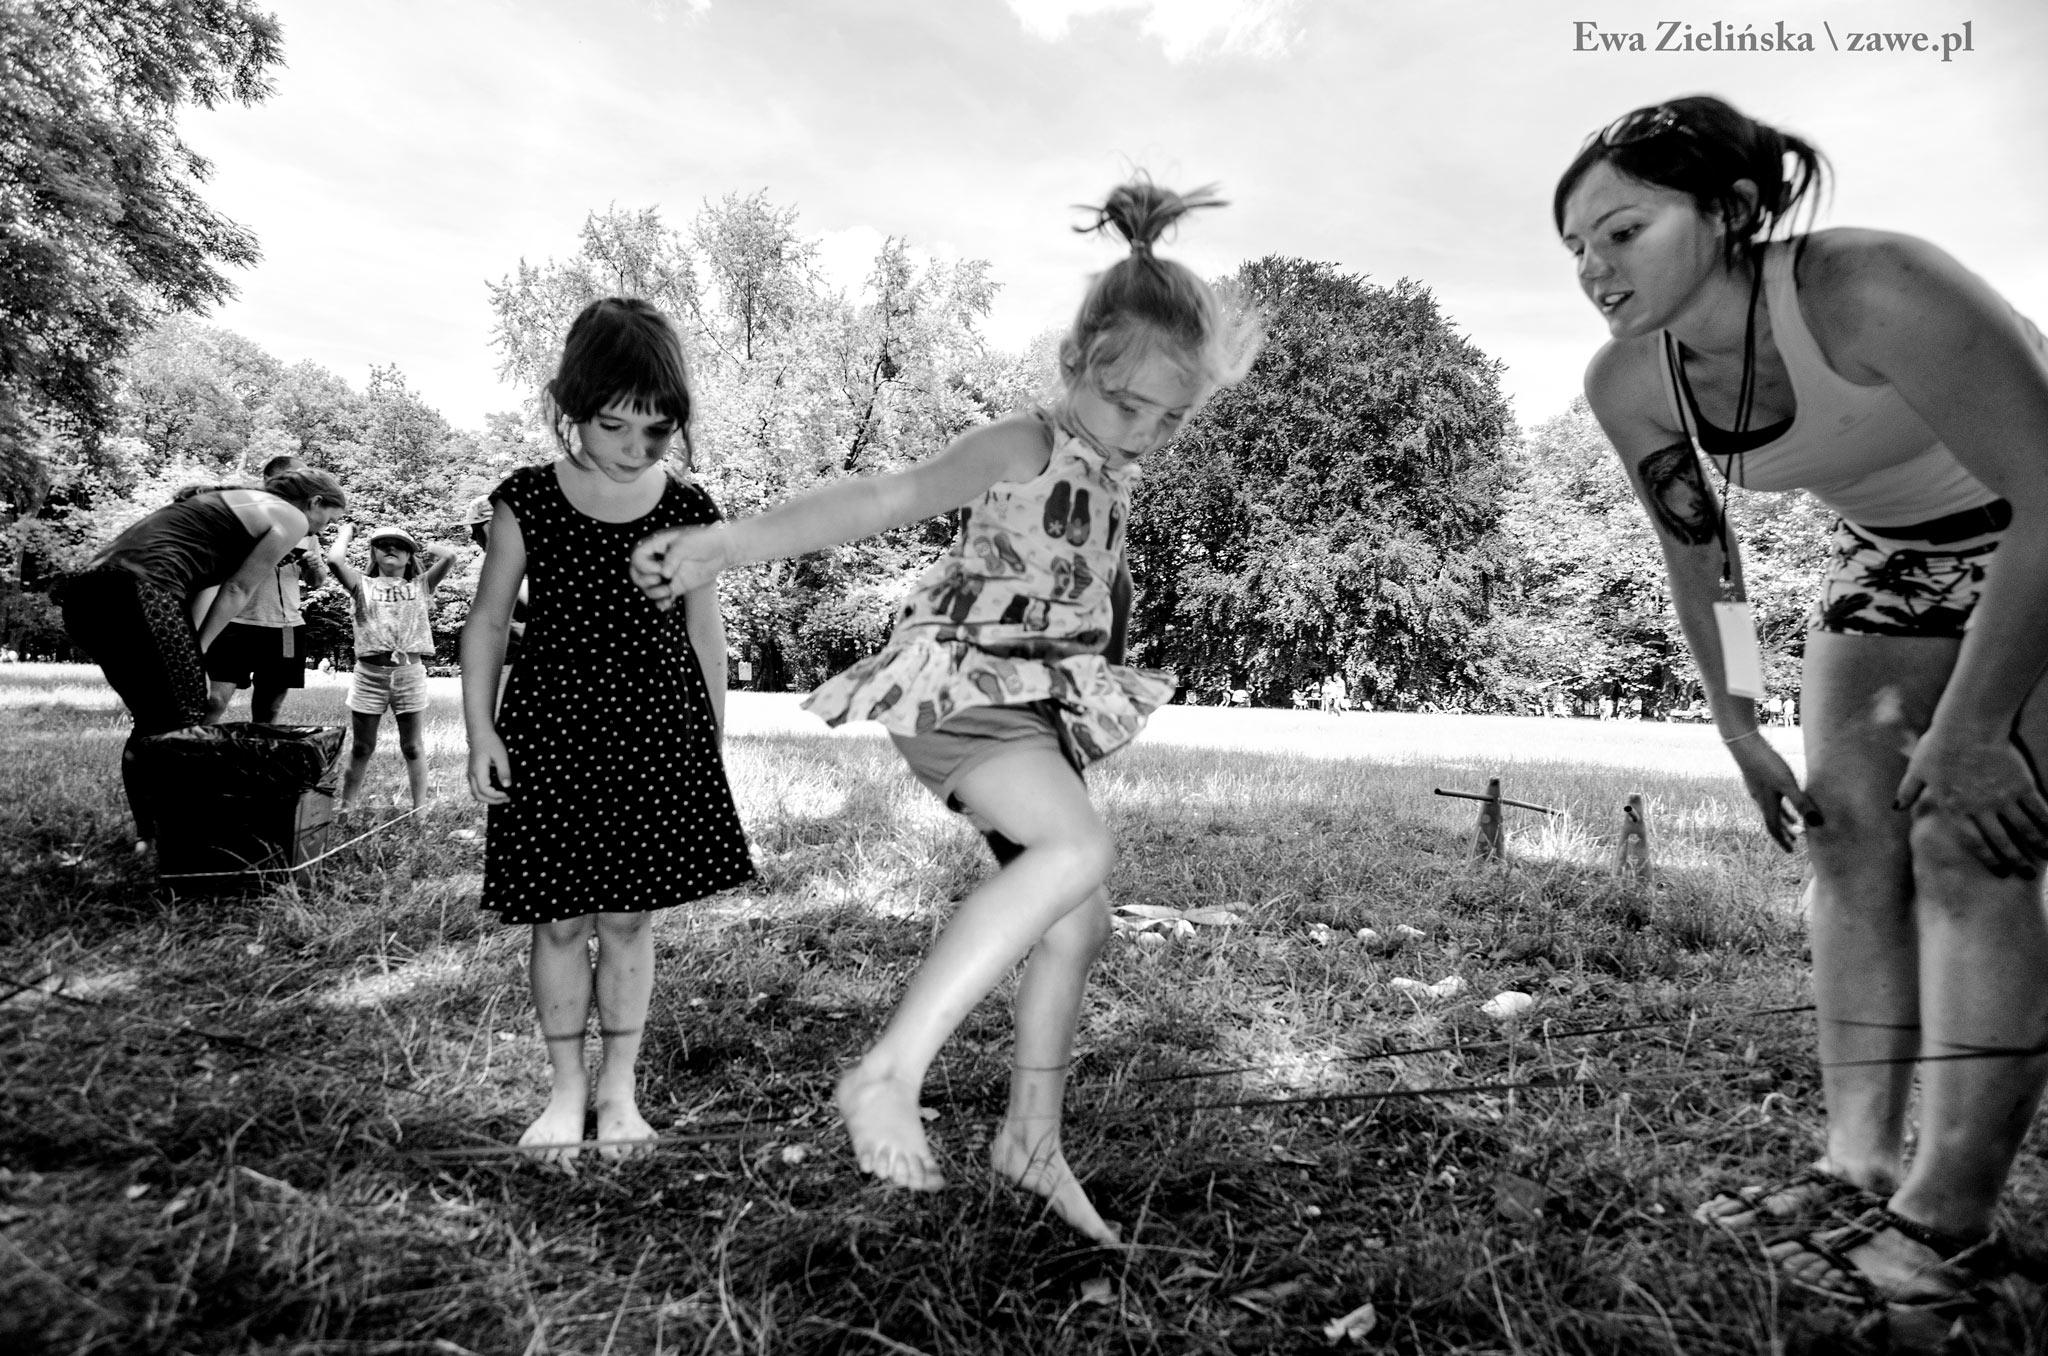 Dziewczymki skaczące w gumę